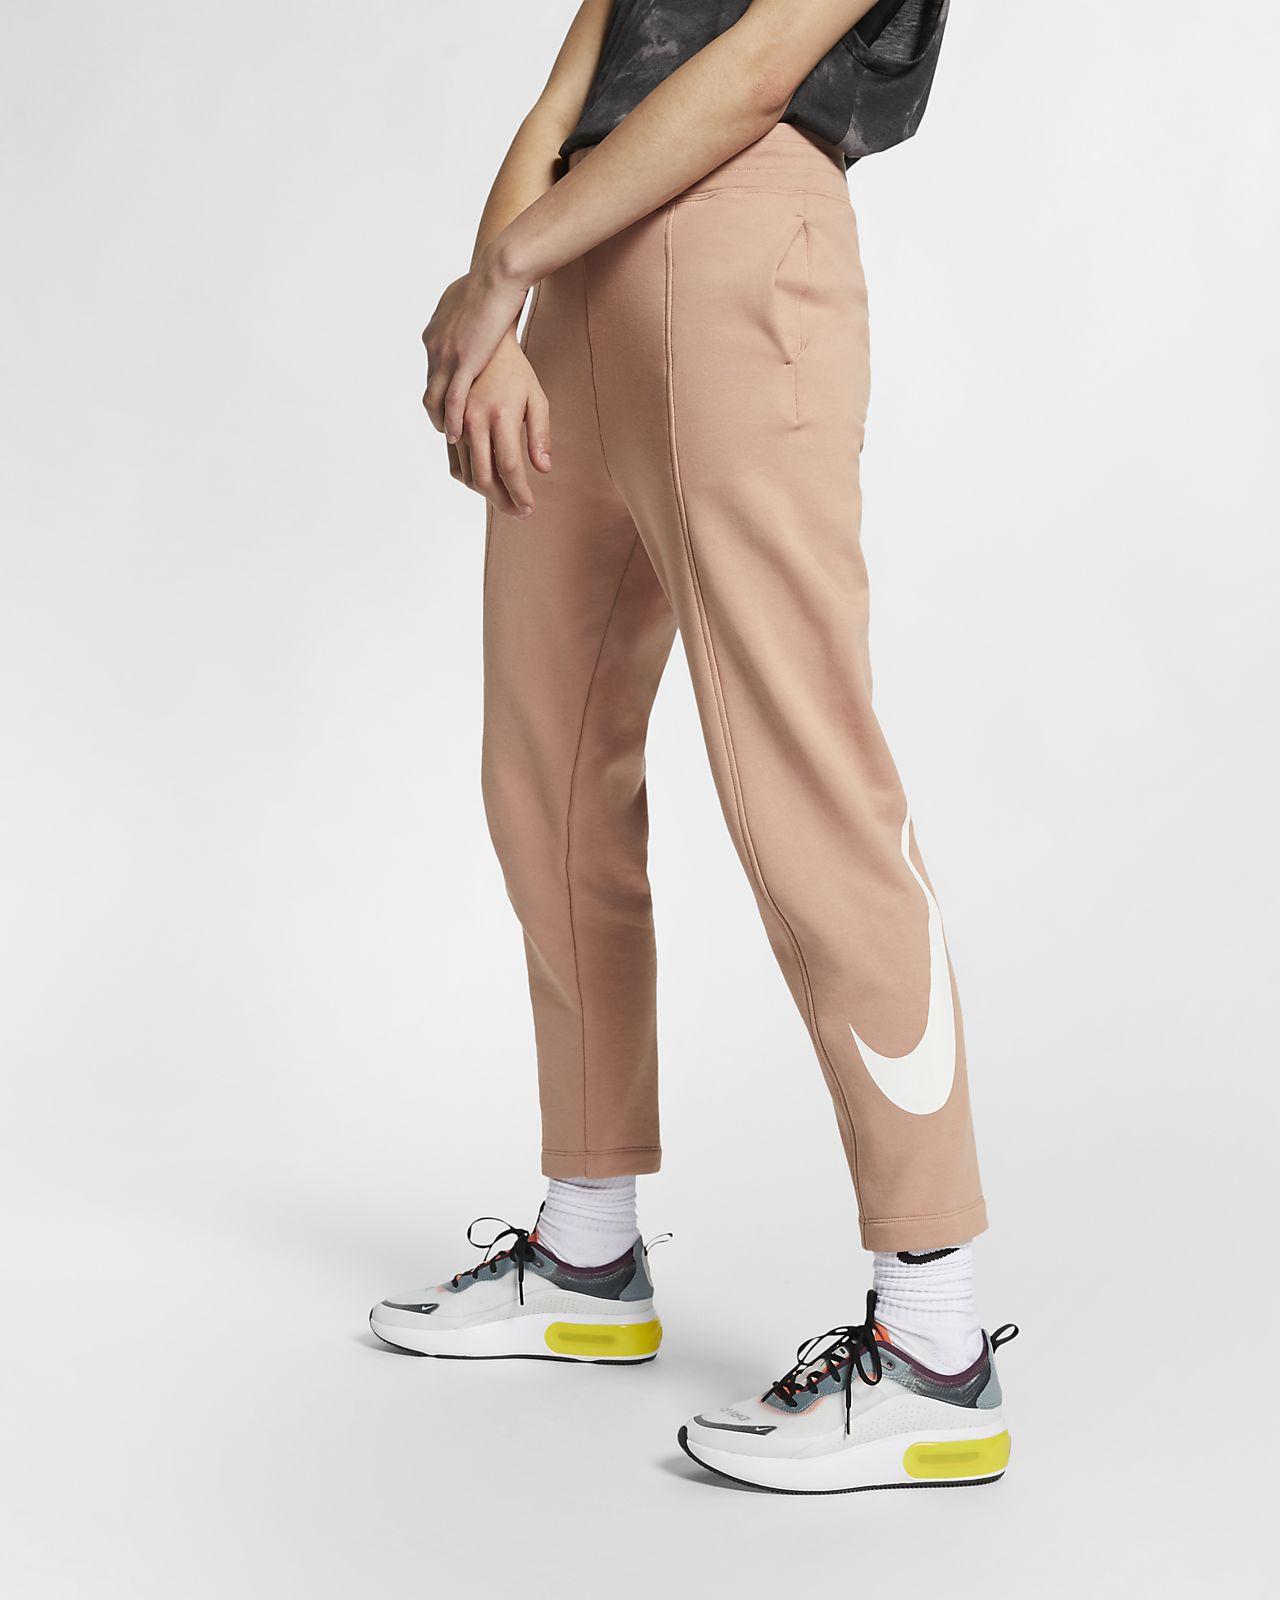 Byxor i fransk frotté Nike Sportswear Swoosh